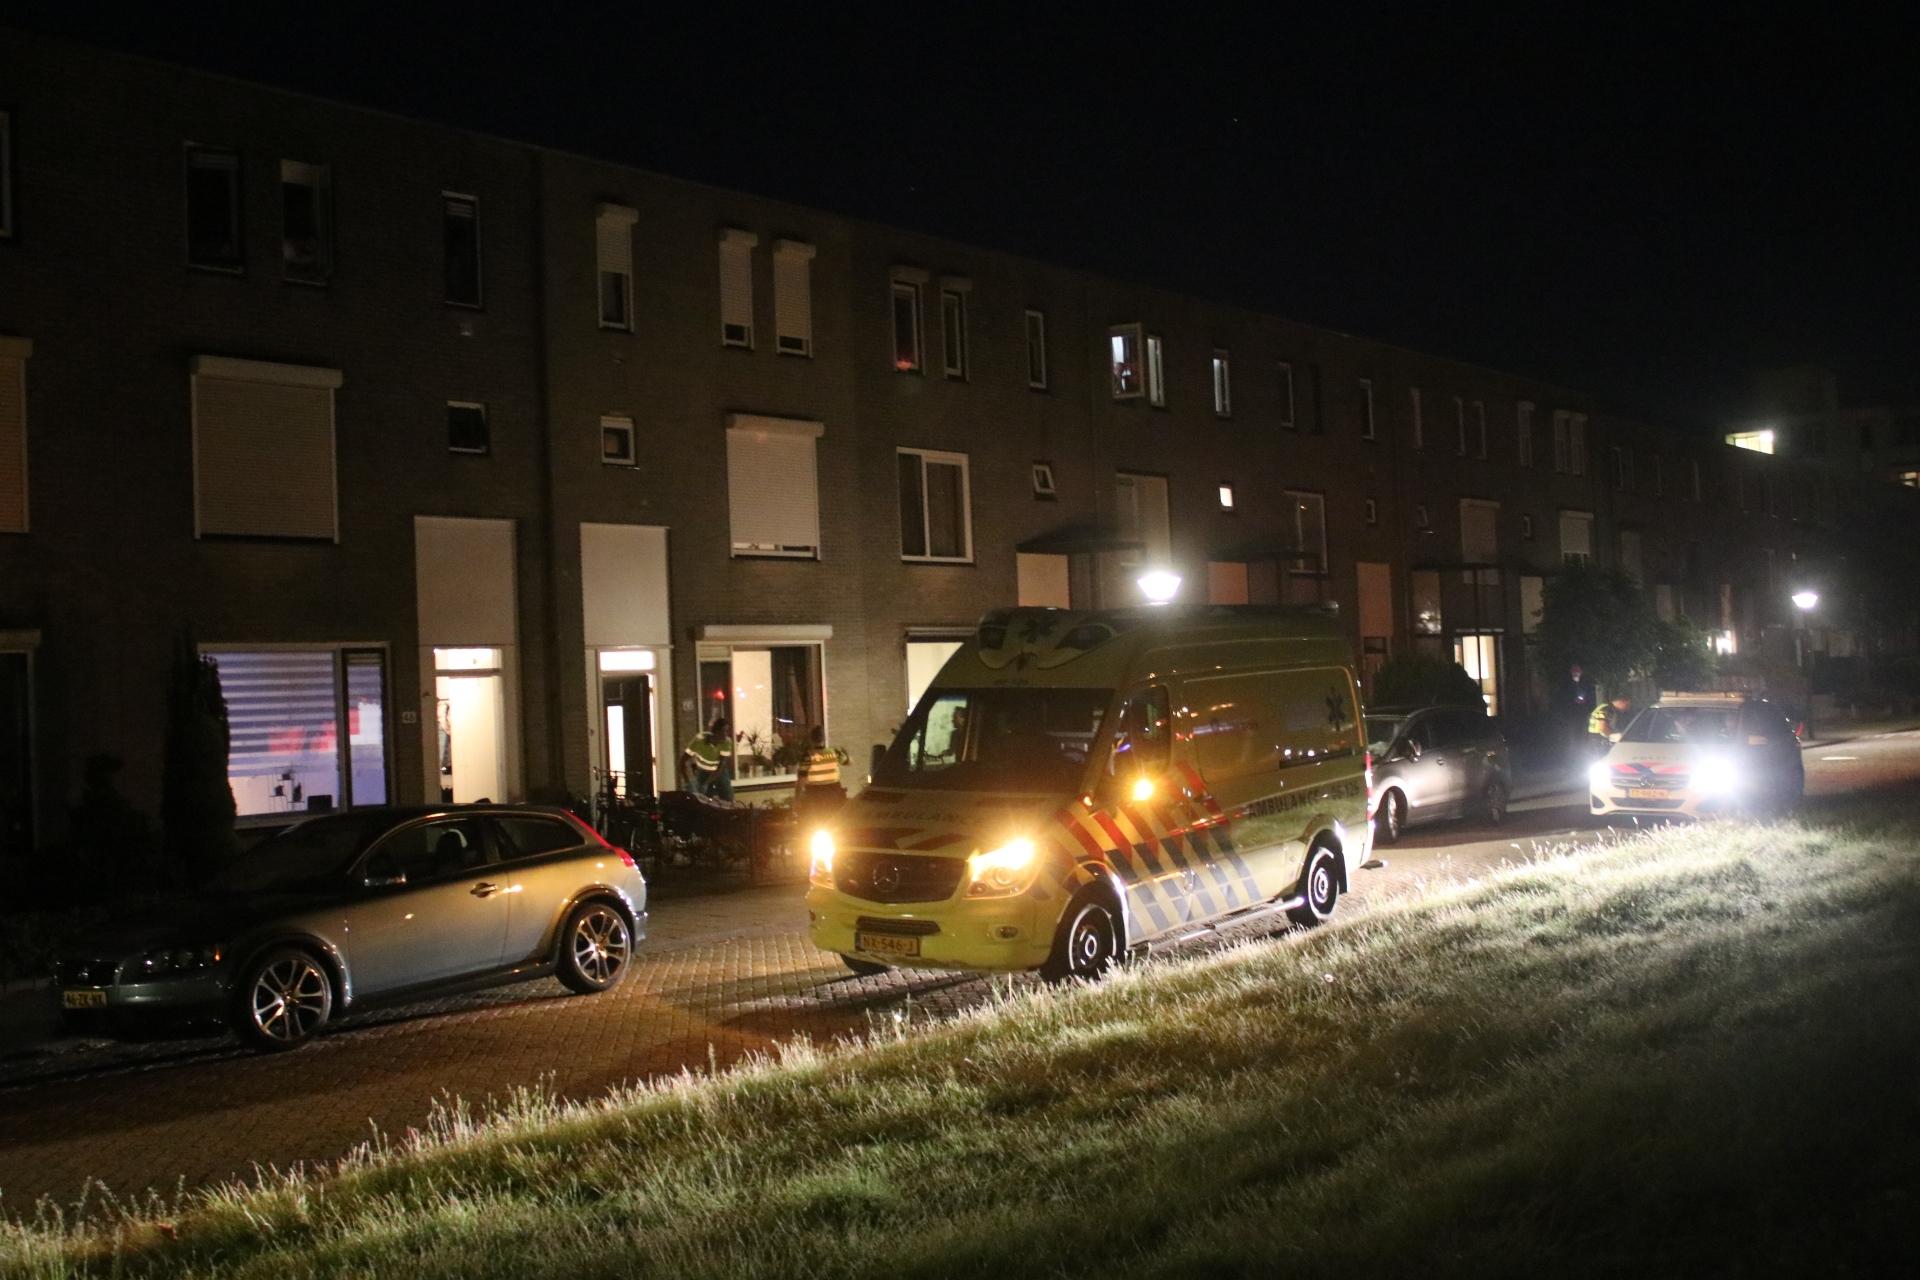 Traumahelikopter opgeroepen voor incident in woning aan de Wagenstraat